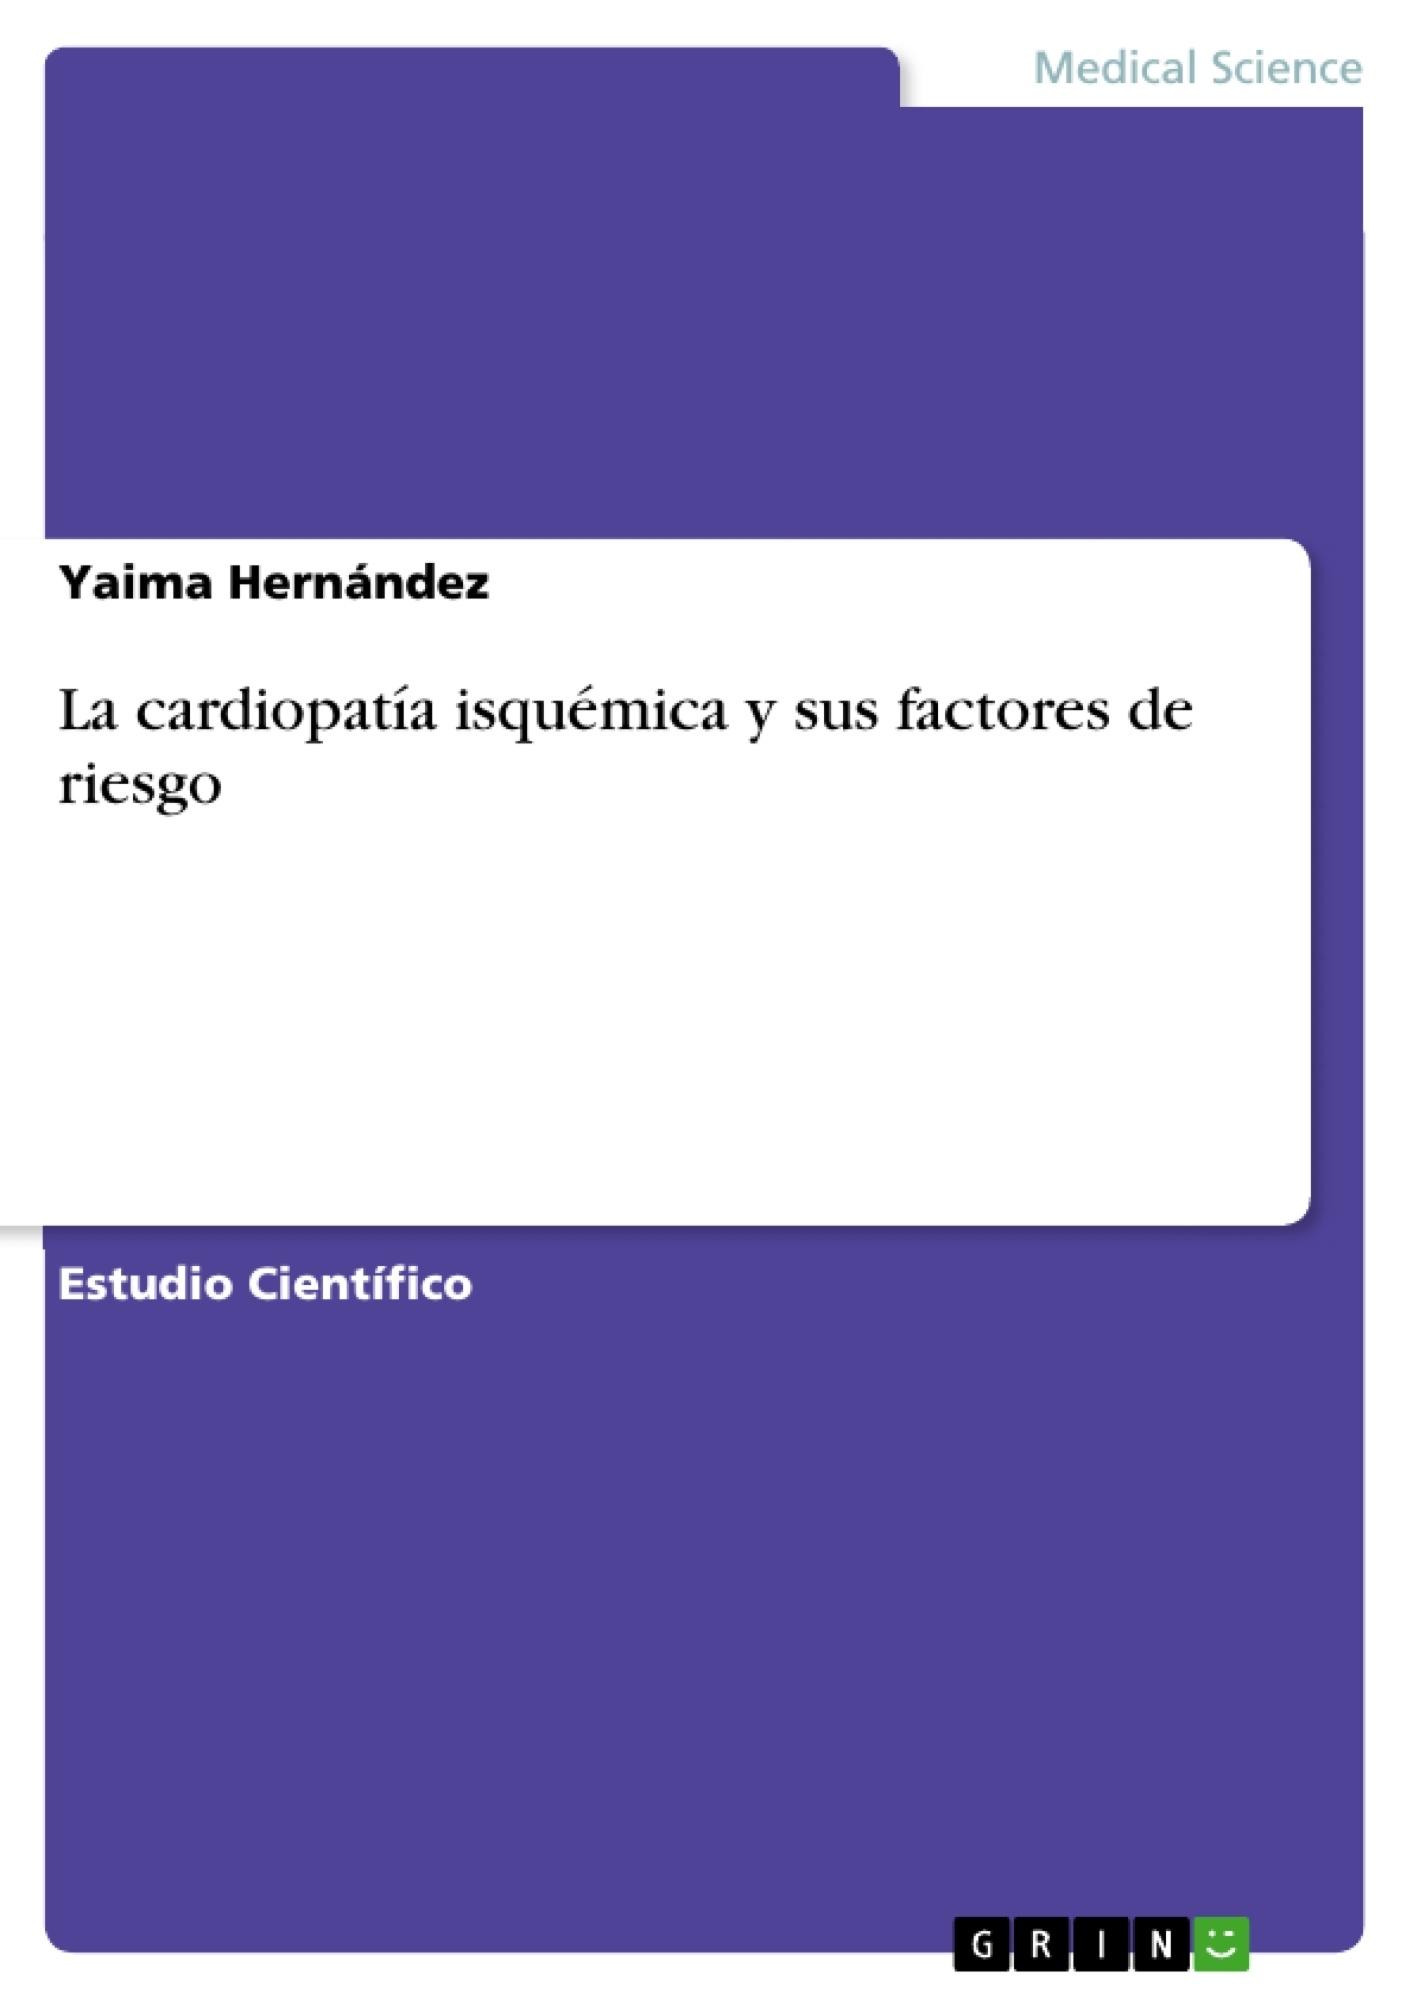 Título: La cardiopatía isquémica y sus factores de riesgo